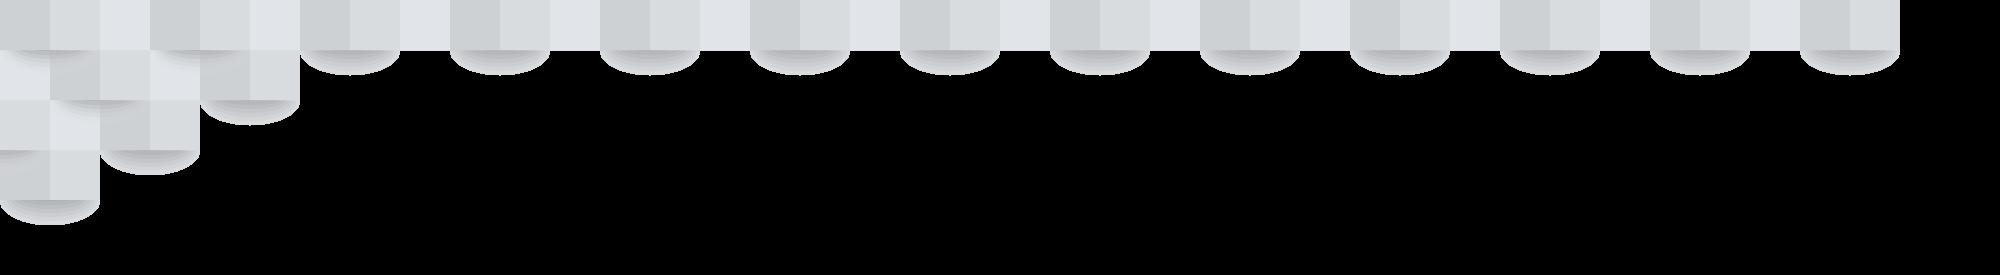 Agencja Reklamowa .:artmack tworzy elemnty graficzne na Twoje strony www